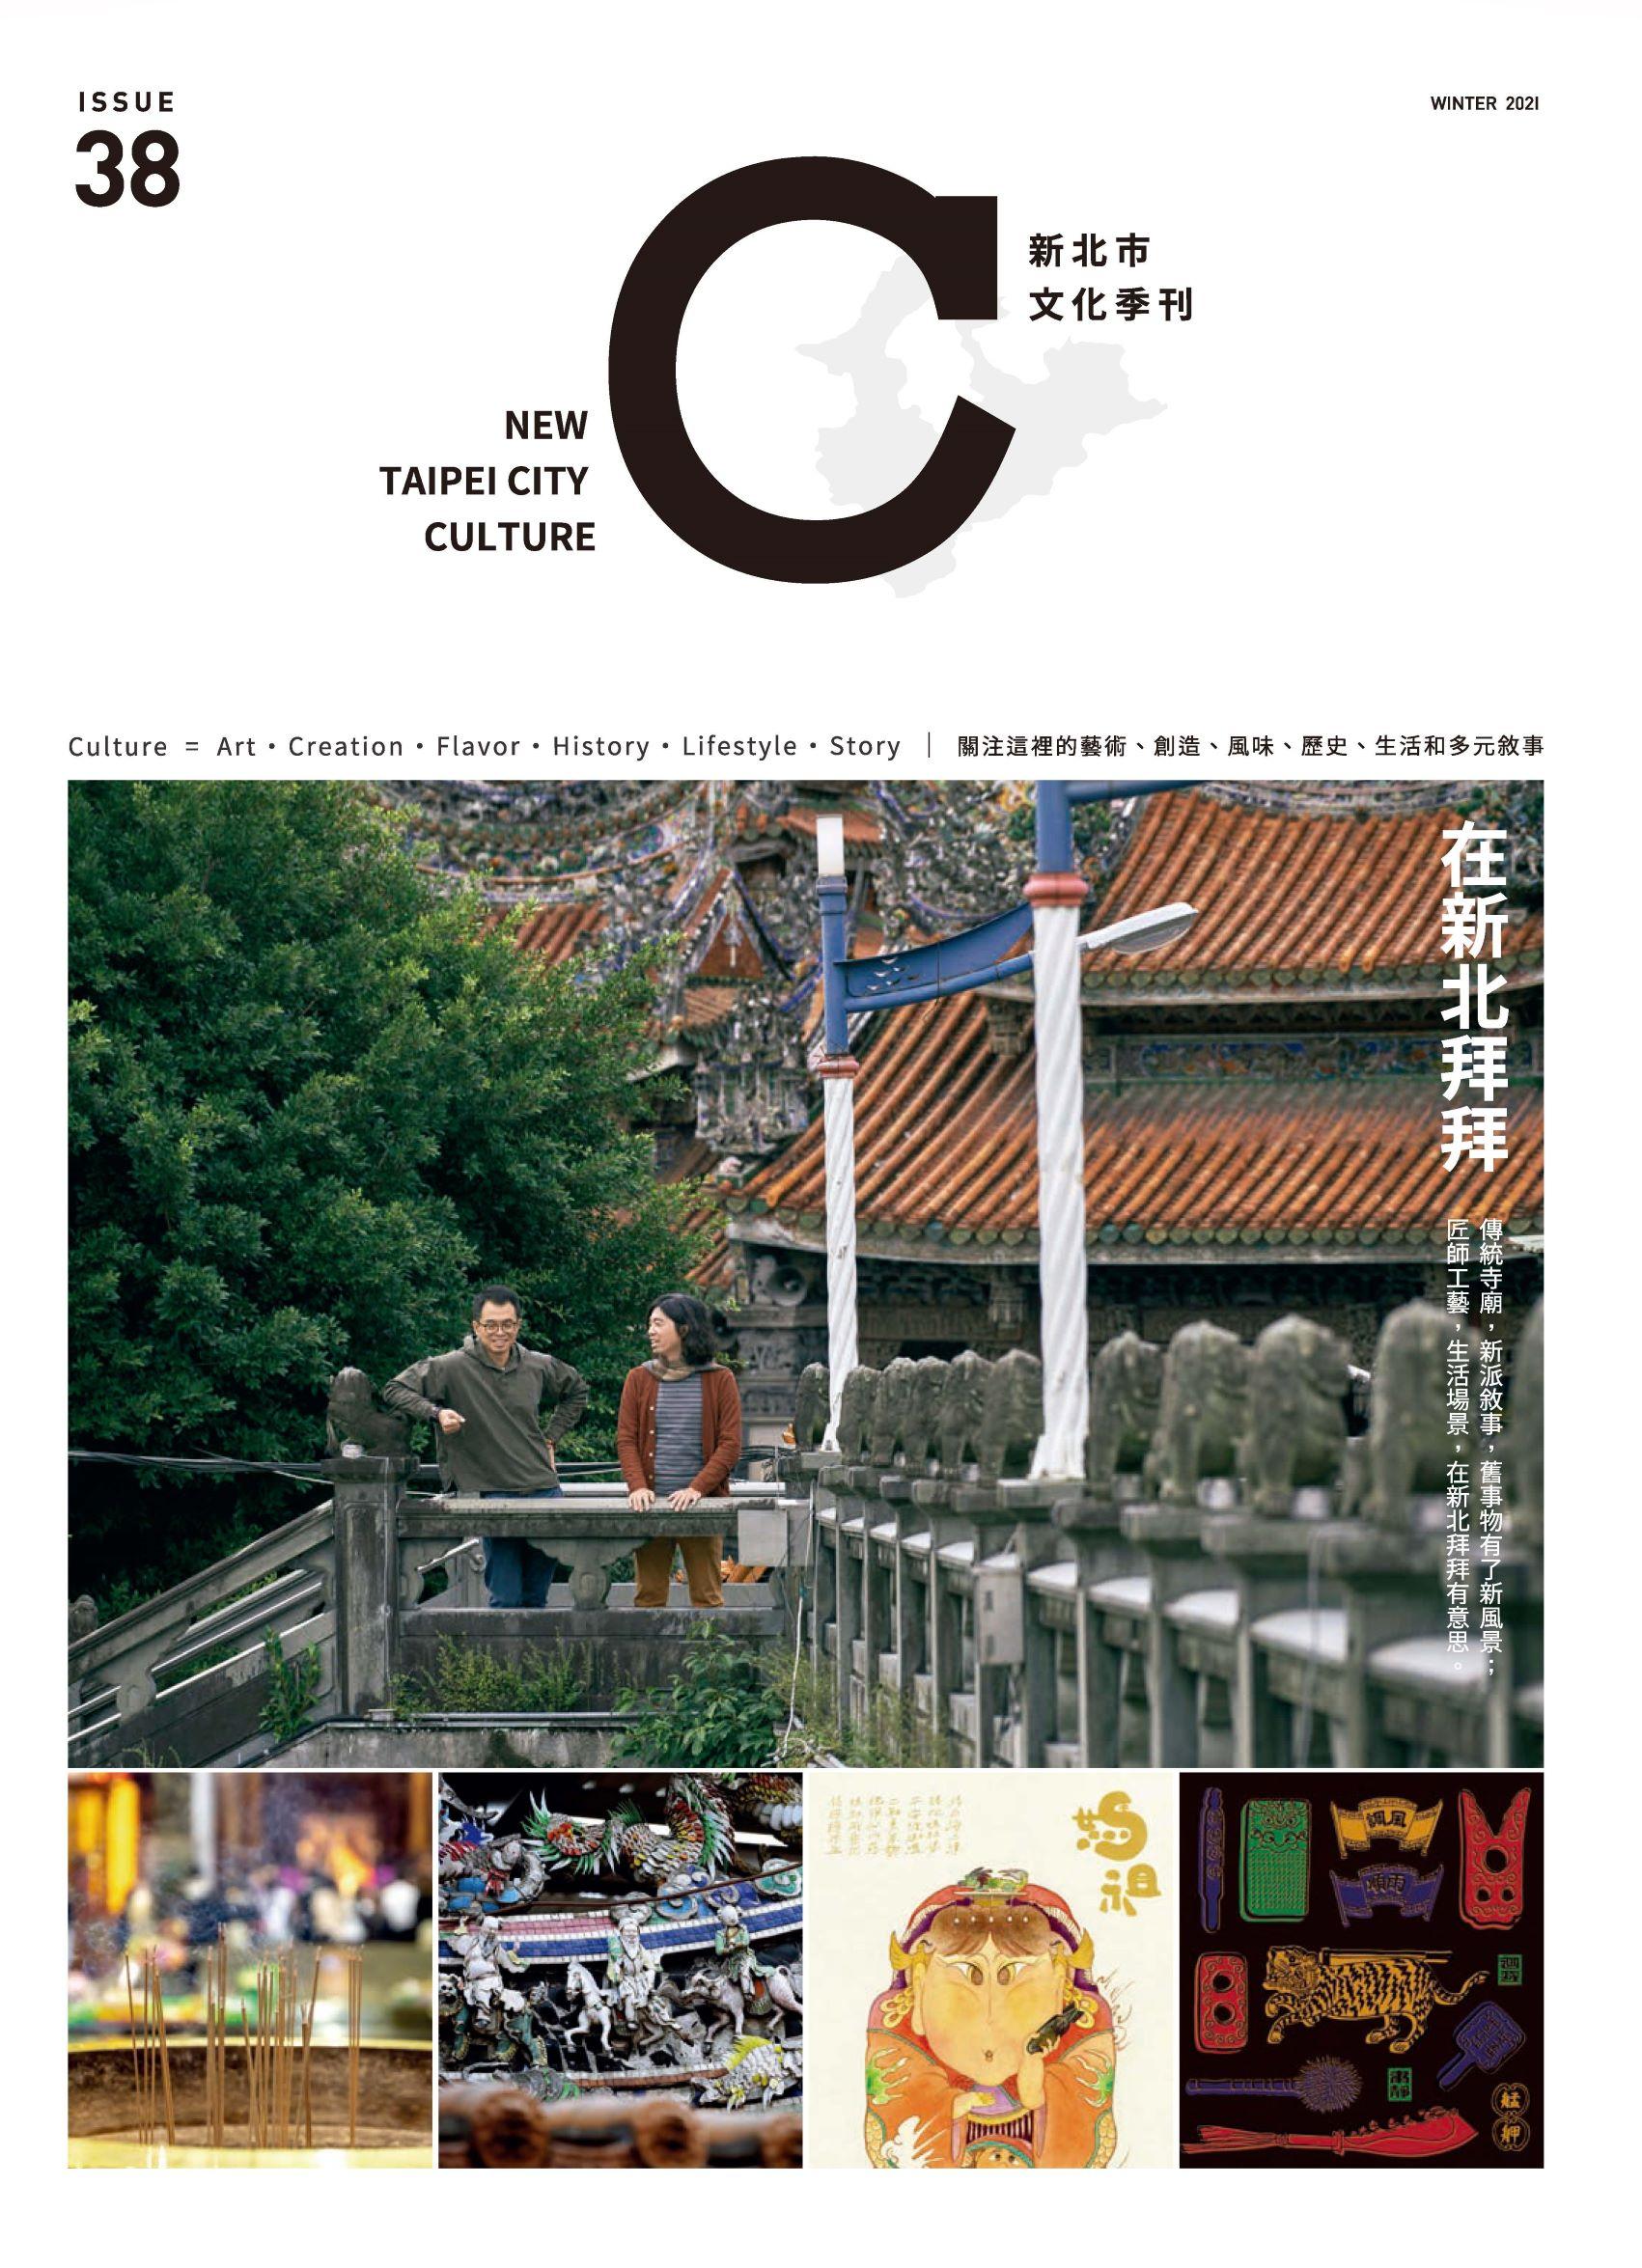 新北市文化季刊第38期